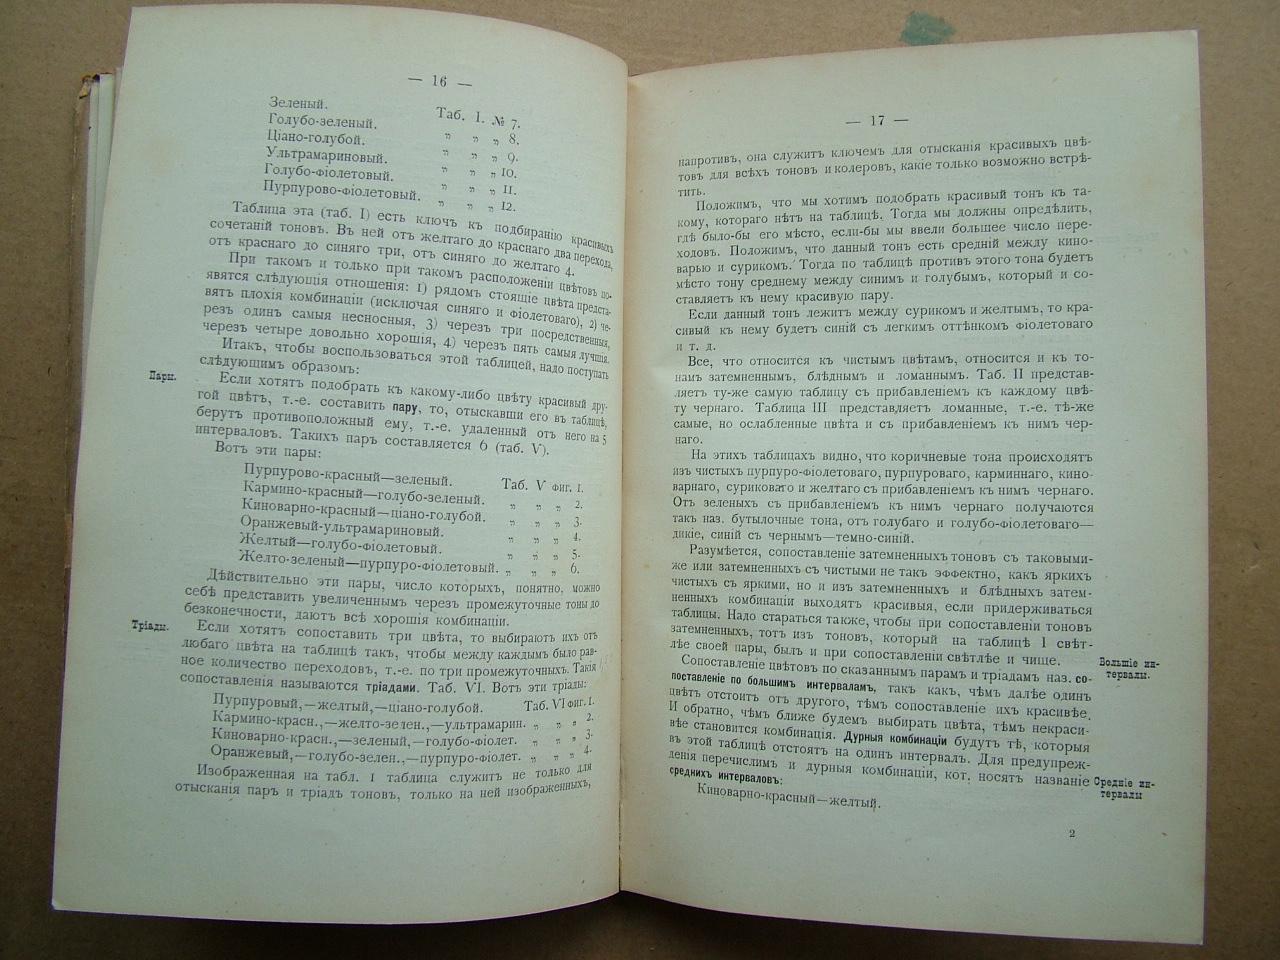 Цвета и их красивые сочетания. Составитель В.В. Попов. Москва.1890